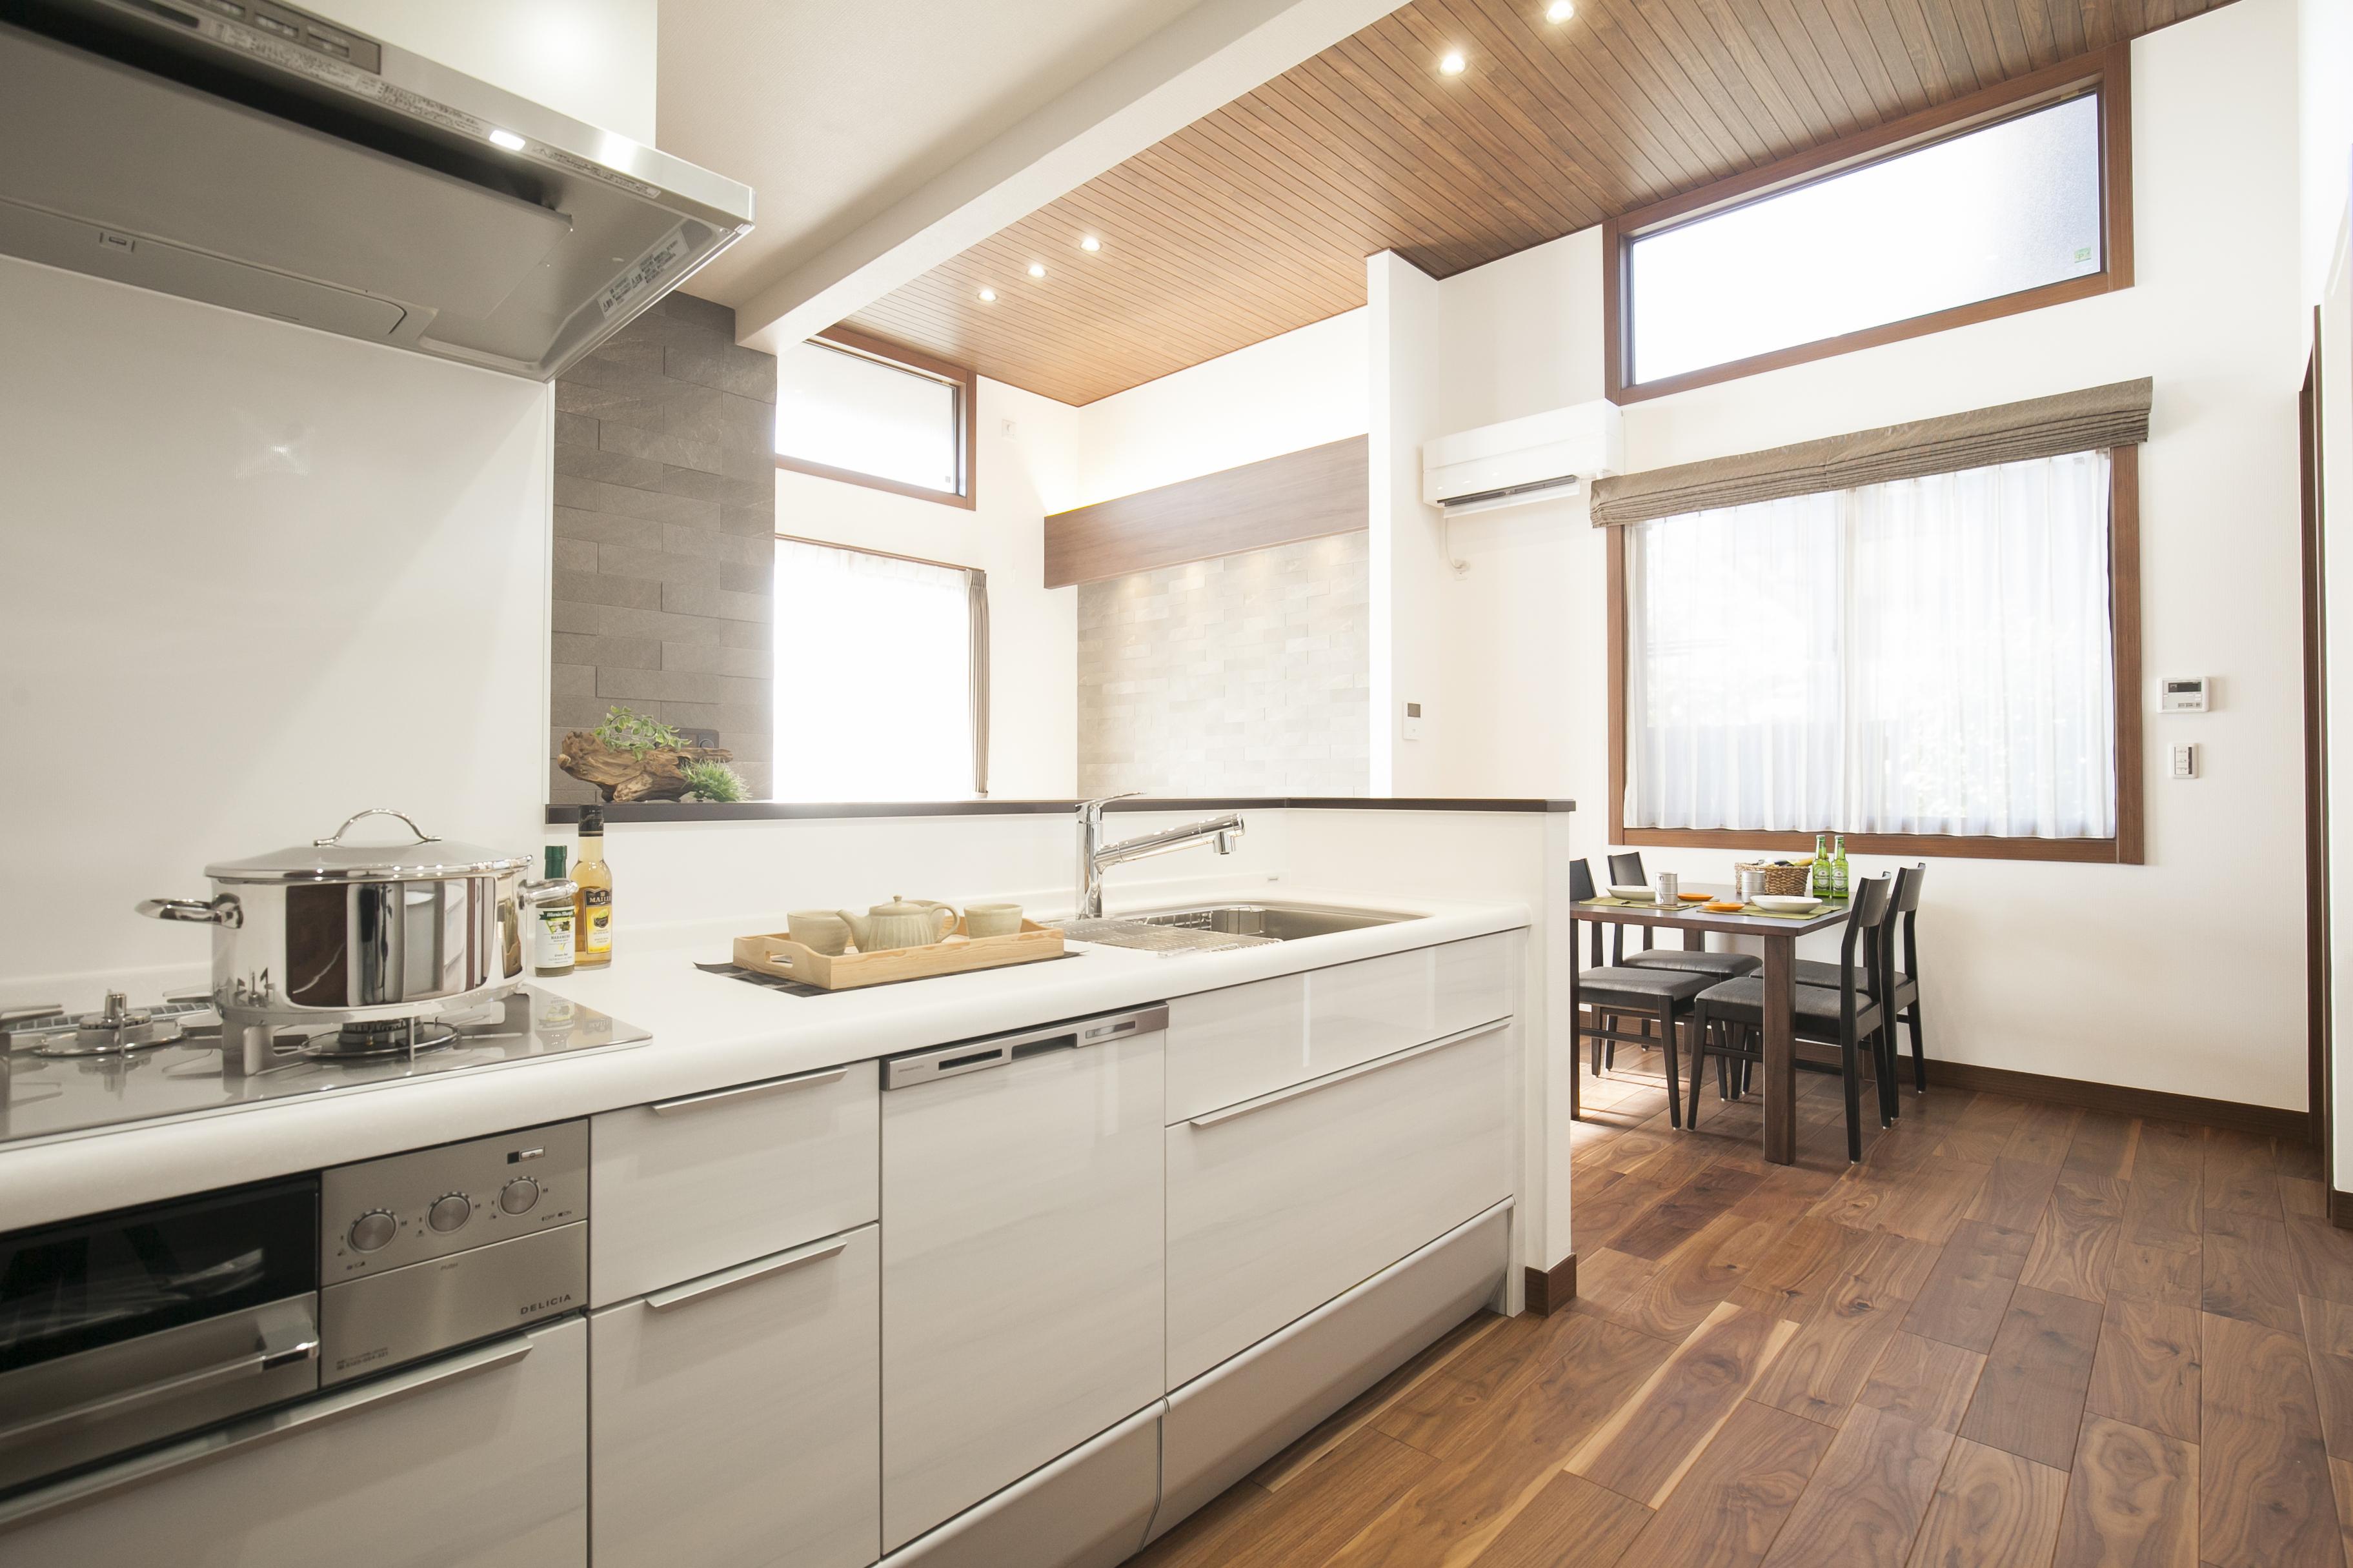 ミサワホーム静岡【デザイン住宅、収納力、スキップフロア】キッチンを中心に廻れるサーキュレーションプラン。家事動線がよく動きやすい間取り